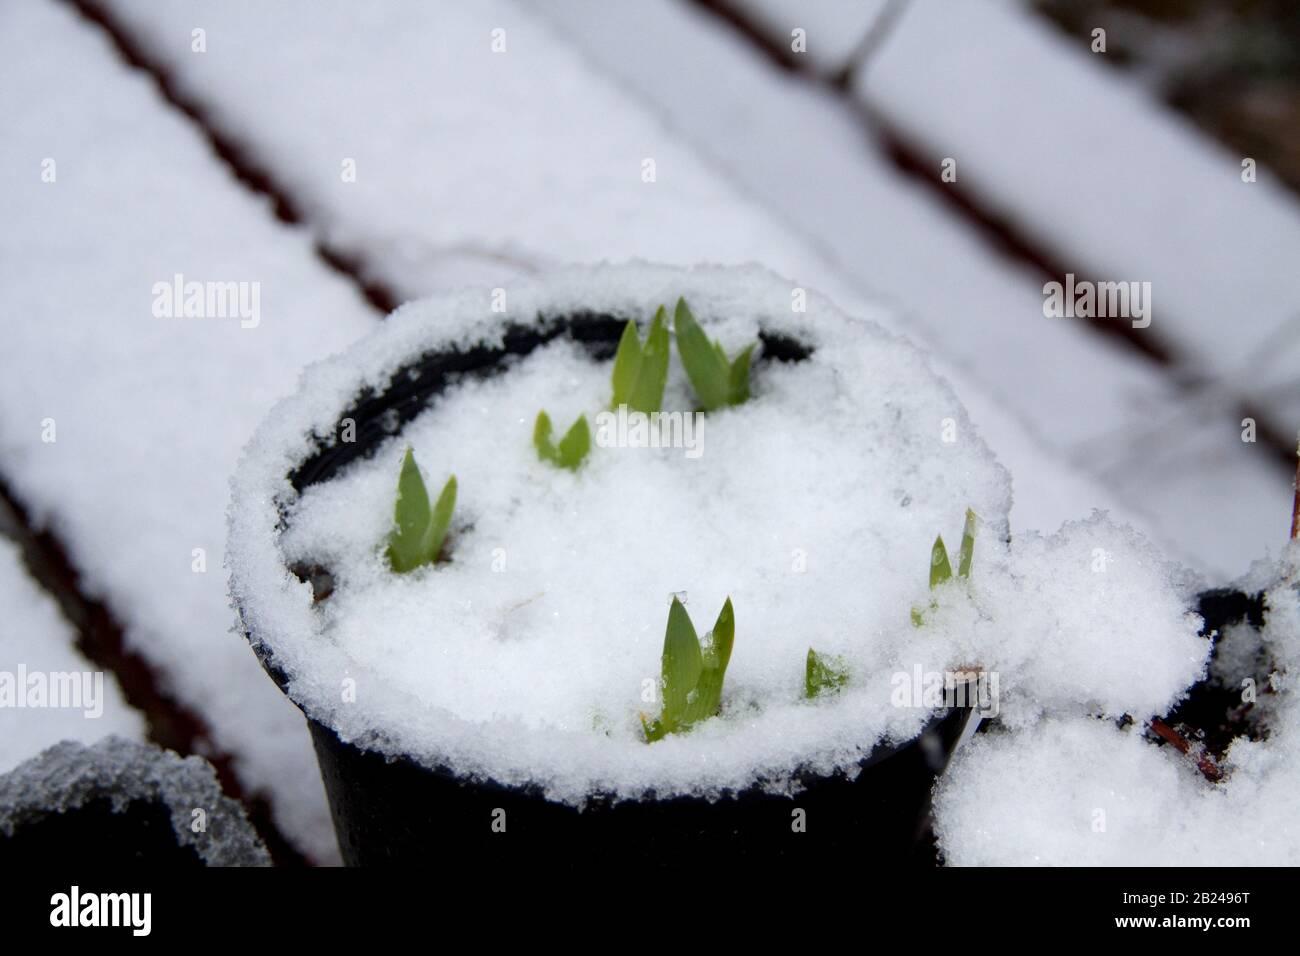 Neve caduta su piante in vaso Foto Stock